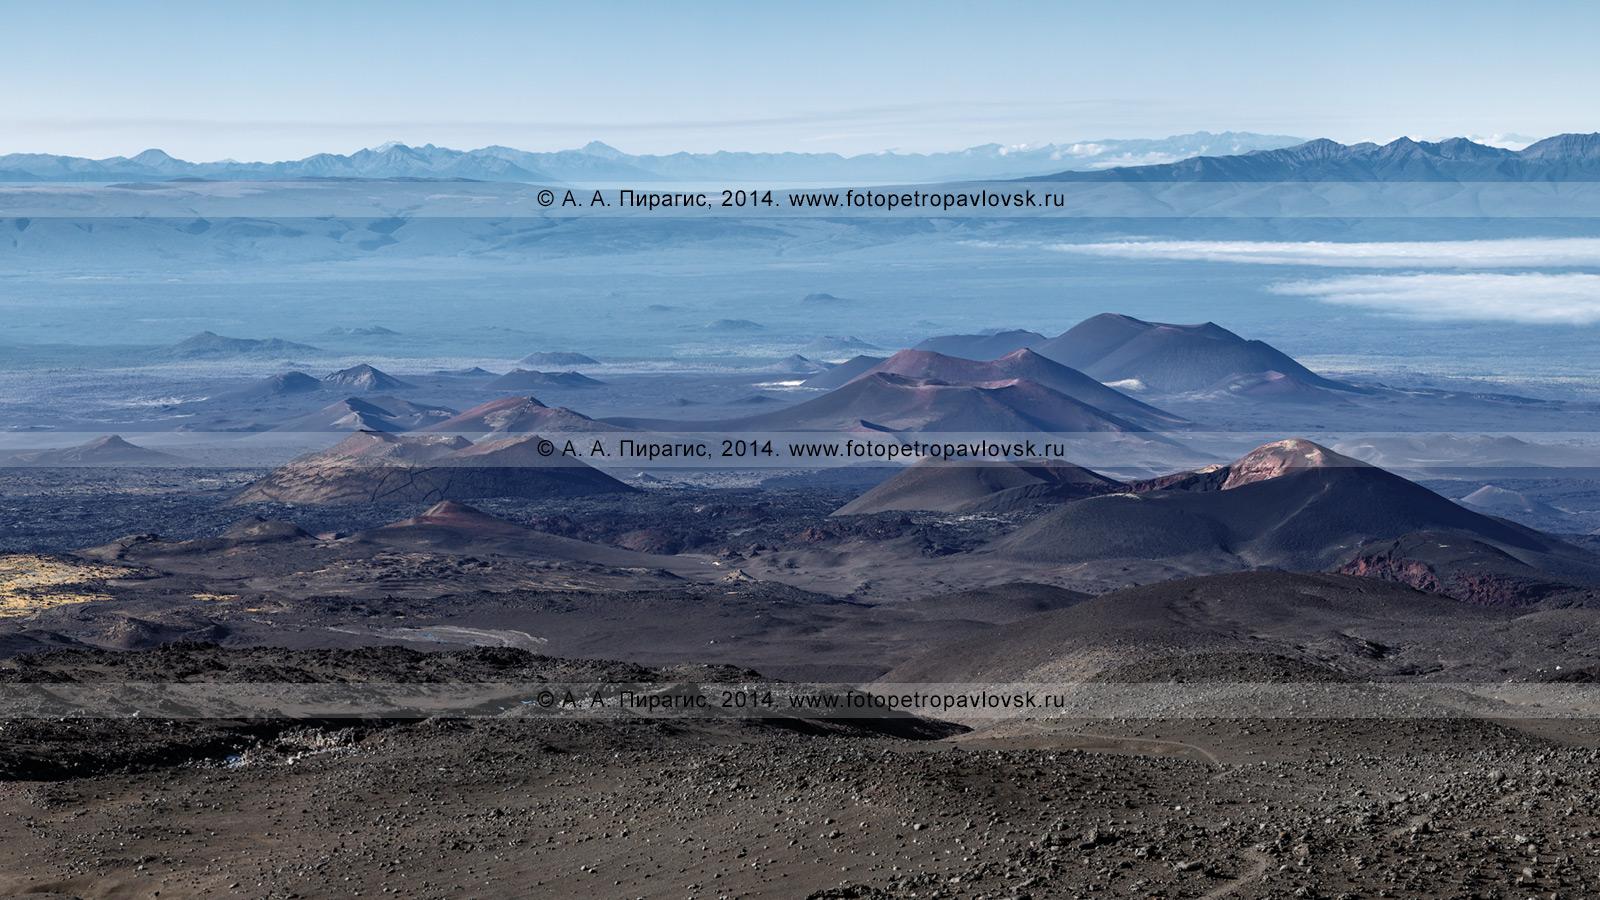 Фотография: панорамный вид на Толбачинский дол на Камчатке, шлаковые конусы (сопки): Софьи Набоко (Трещинное Толбачинское извержение); Клешня, Песчаная, Алаид; 3-й конус, 2-й конус и Горшкова (Большое трещинное Толбачинское извержение) и другие побочные прорывы